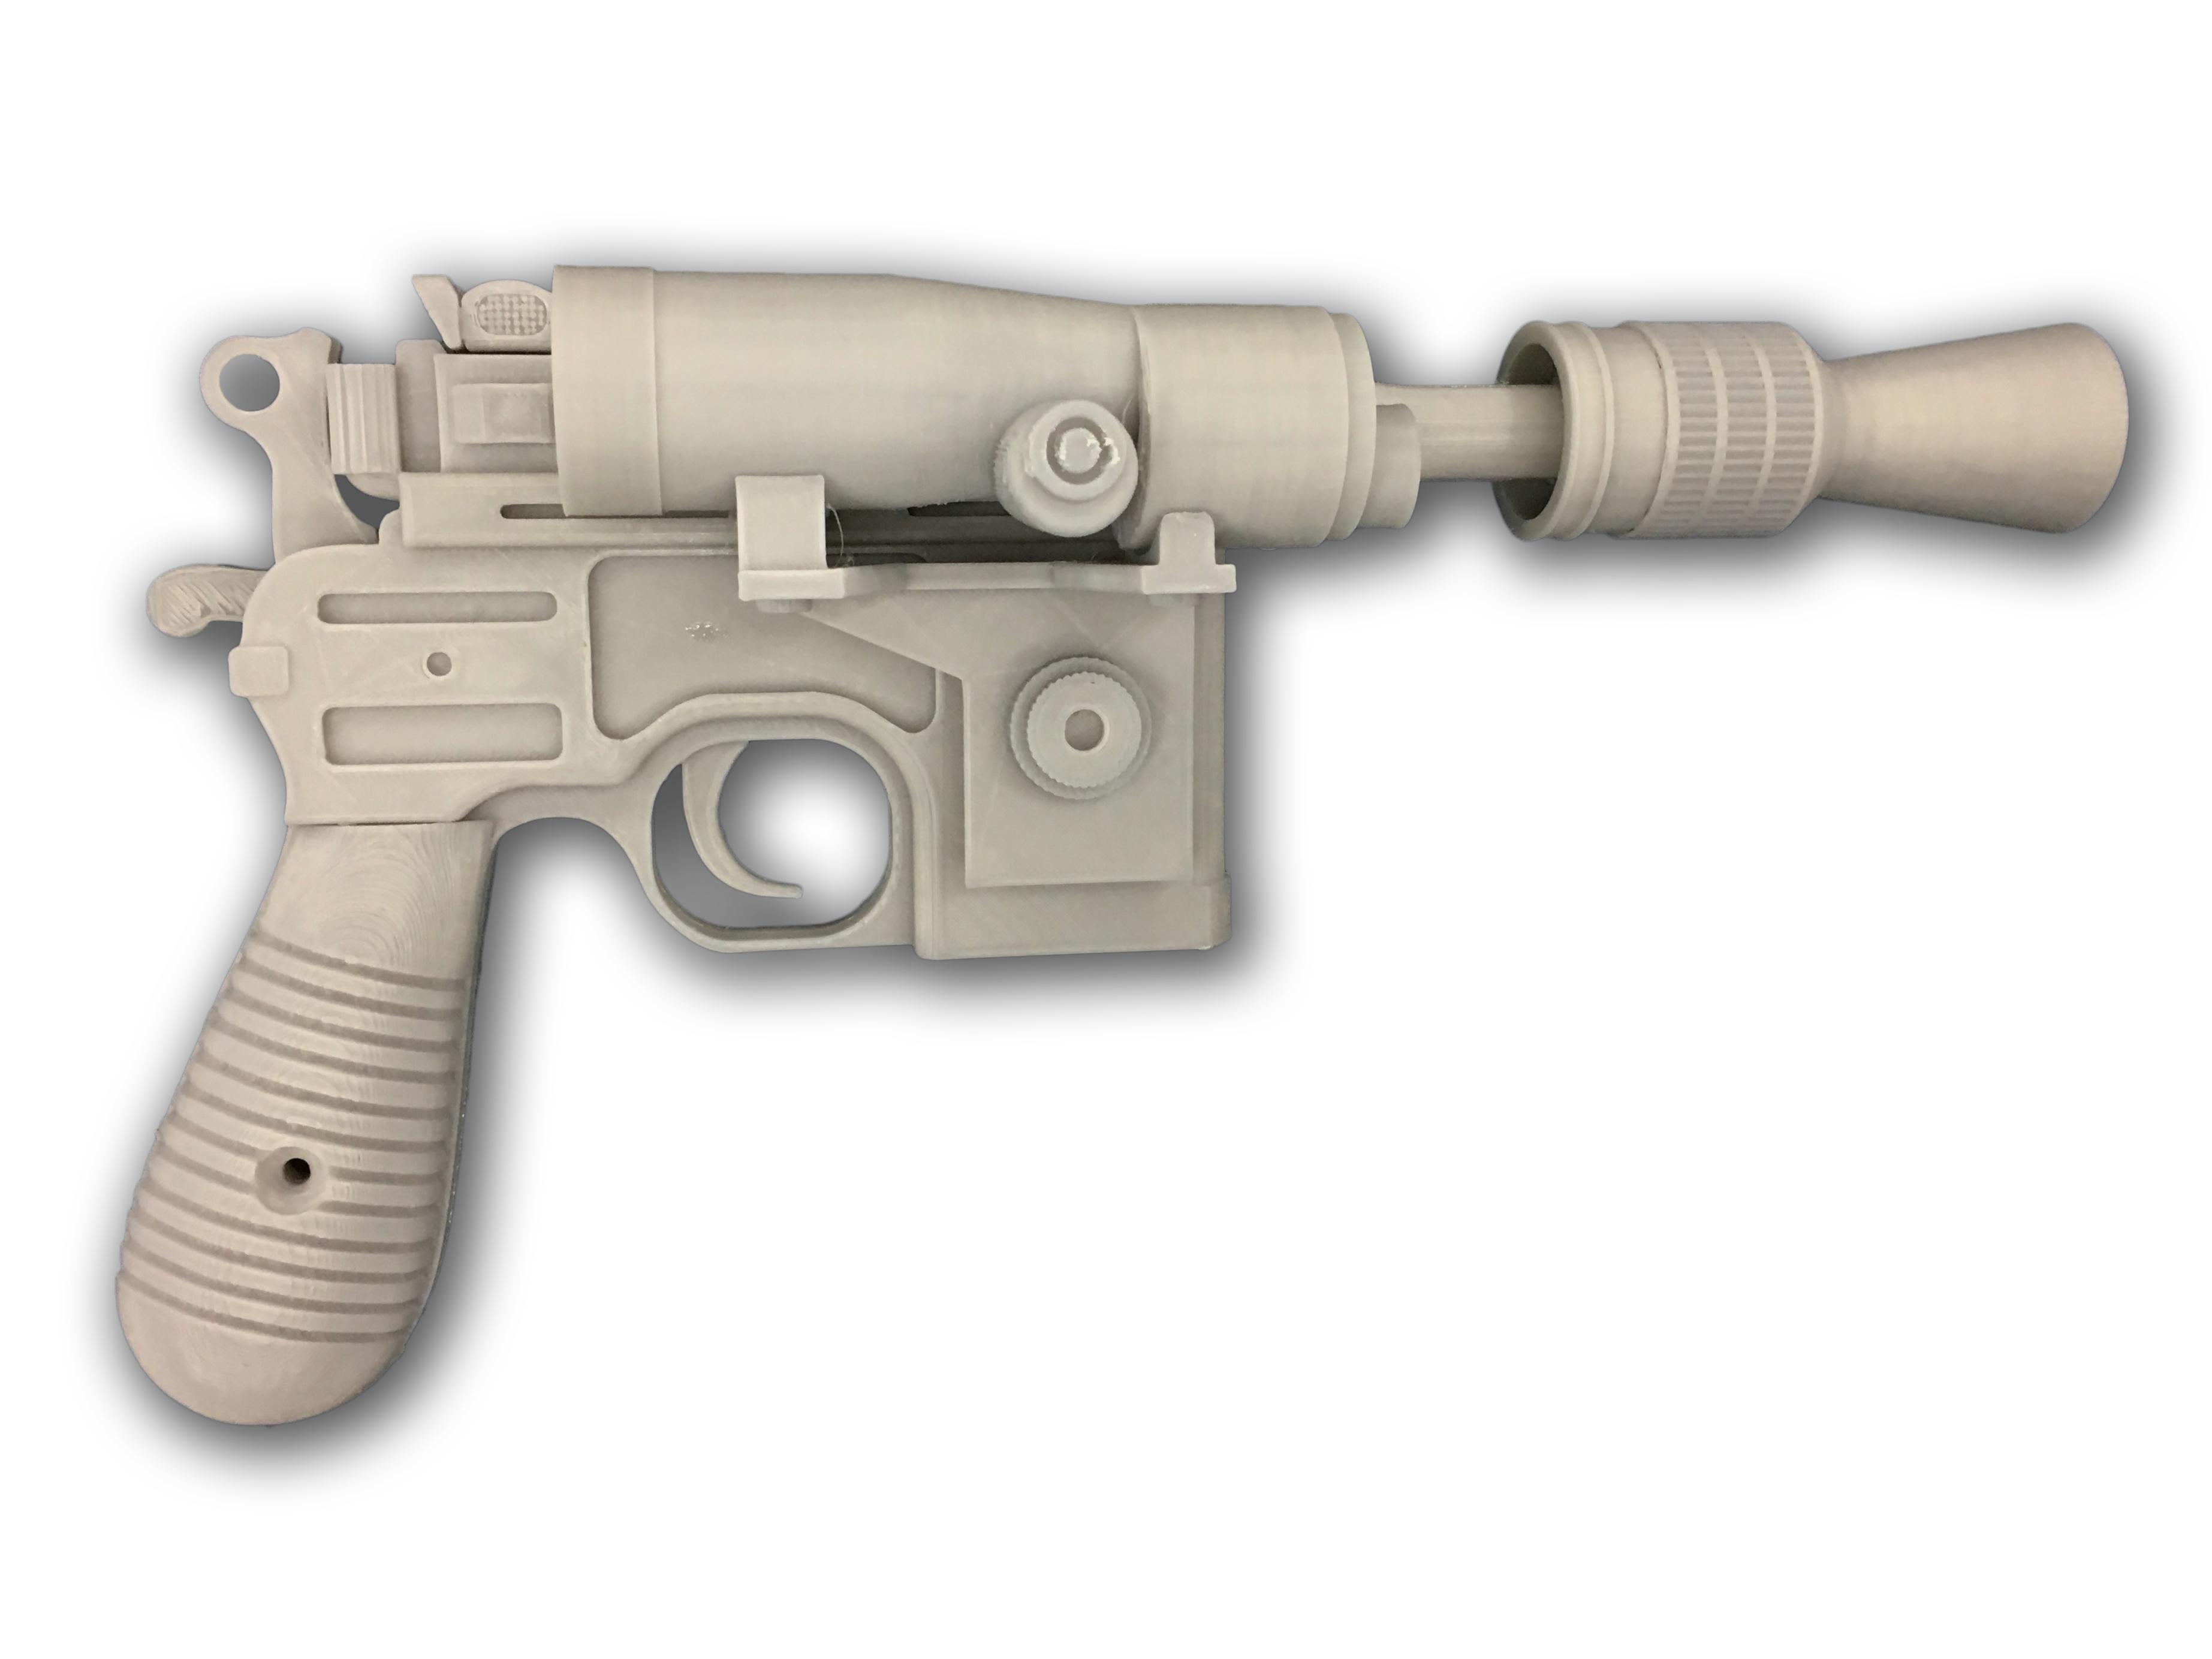 ESB Han Solo Blaster DL-44